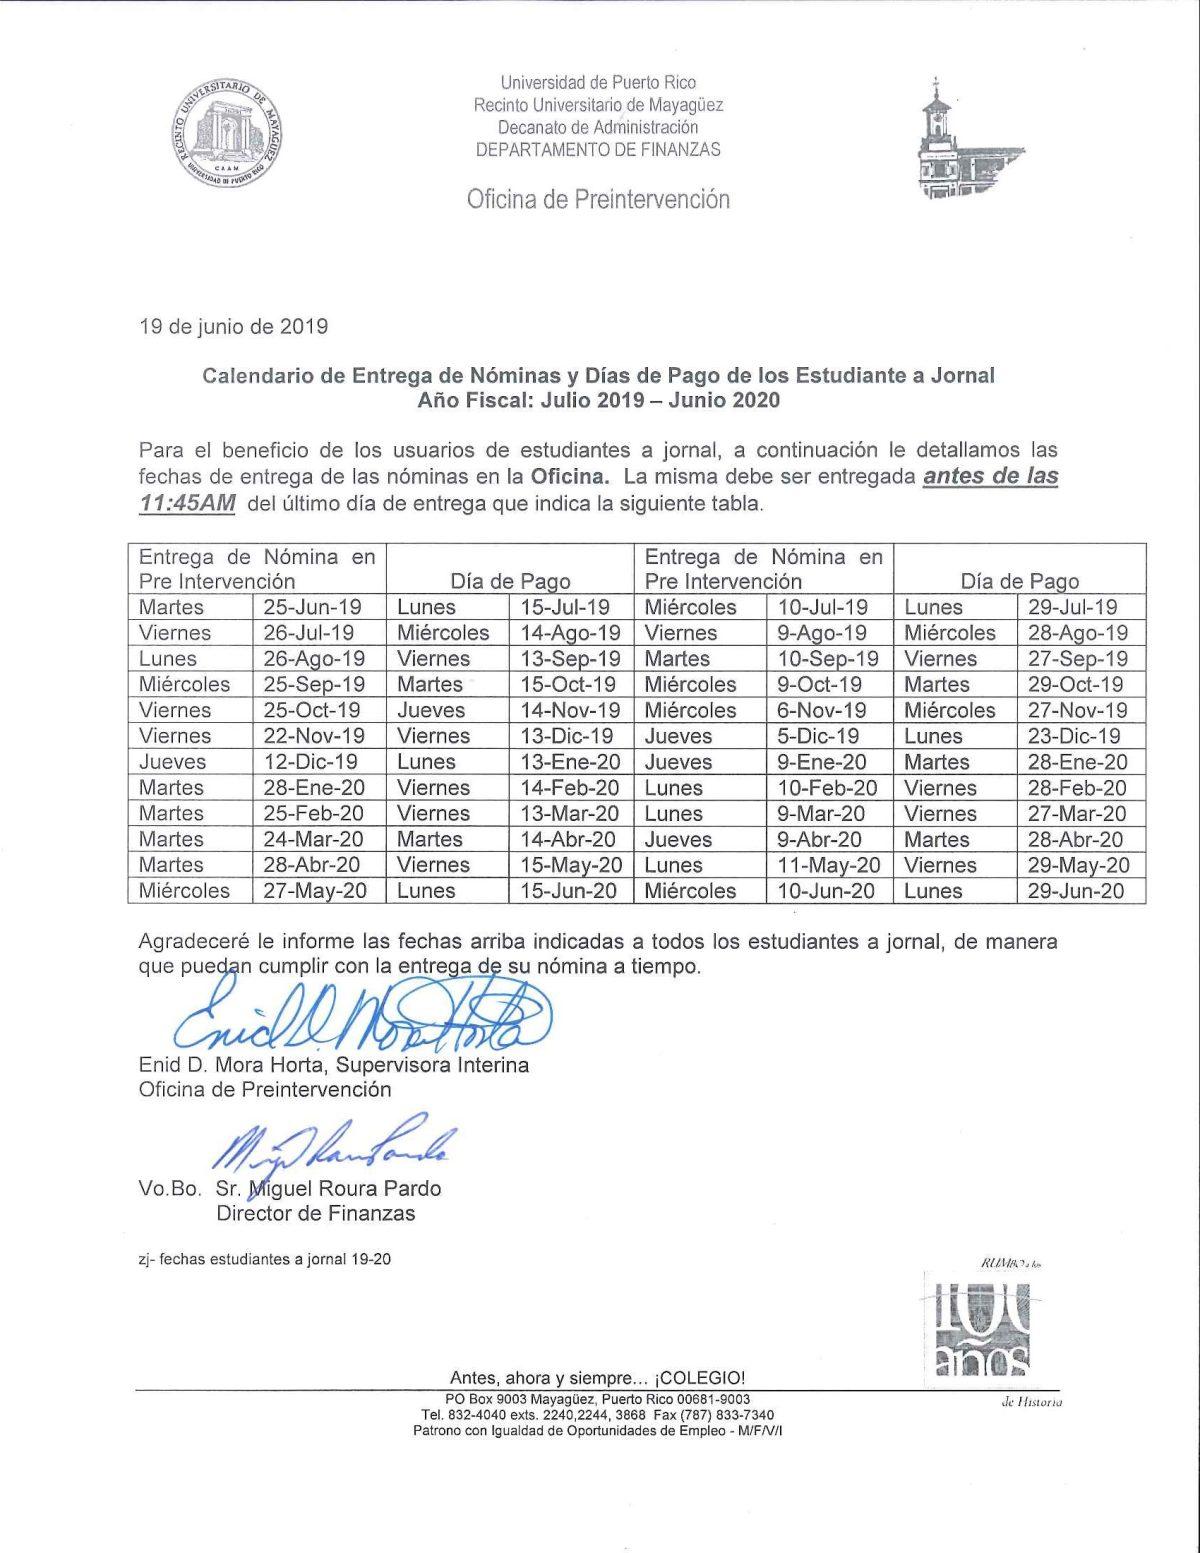 Calendario De Entregas De Nomina Y Dias De Pago Julio 2019 Junio 2020 Estudiantes Jornal Decanato De Administracion